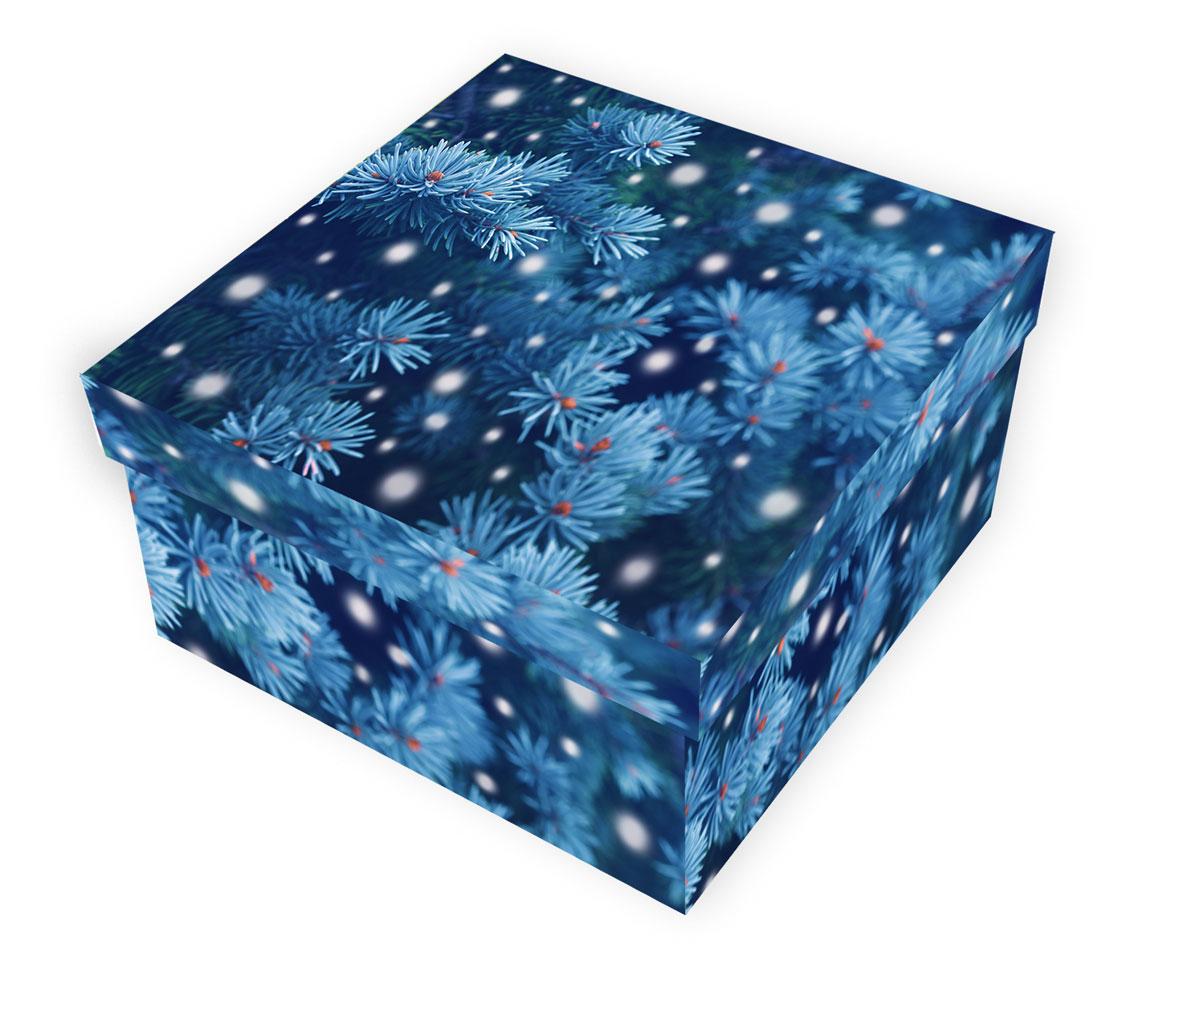 Коробка подарочная Proffi Home Снежная ель, 10 х 19 х 19 смPH7829Большие картонные коробки идеально подходят для упаковки объемных подарков. Коробка изготовлена из плотного цветного картона.